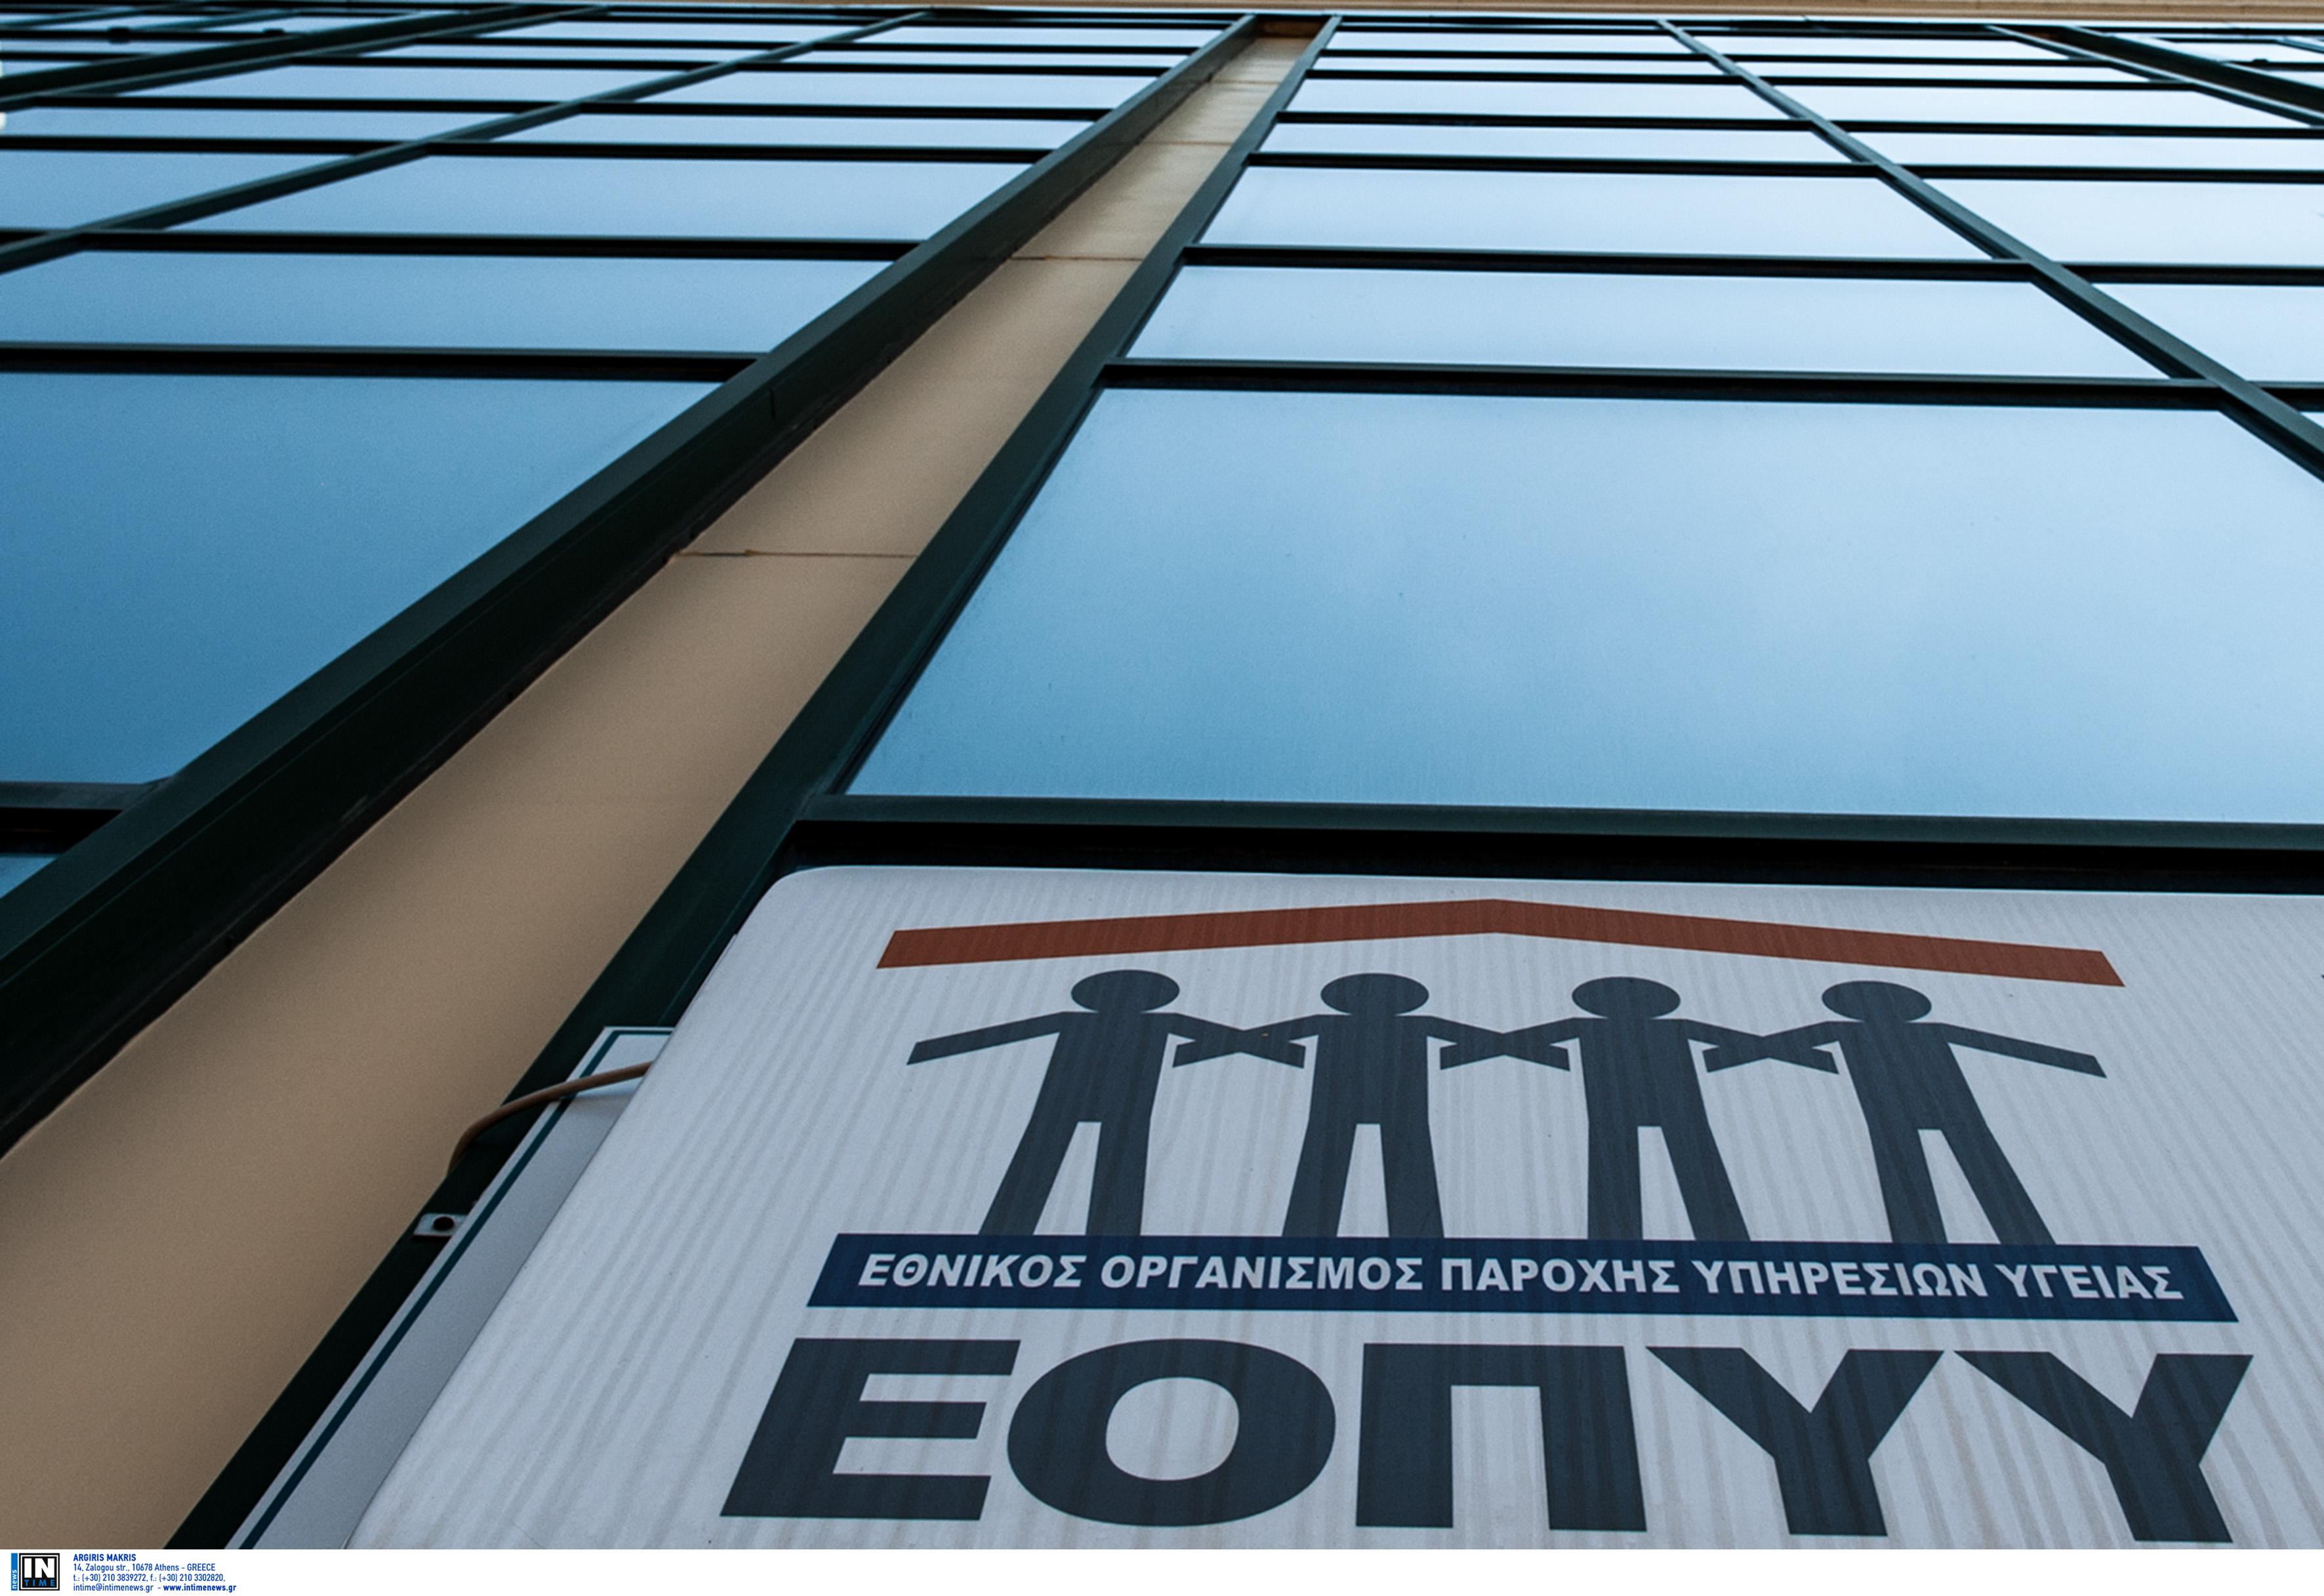 ΕΟΠΥΥ: Ηλεκτρονικά η απόδοση δαπάνης ειδικής αγωγής μετά τις 25 Ιανουαρίου   tovima.gr